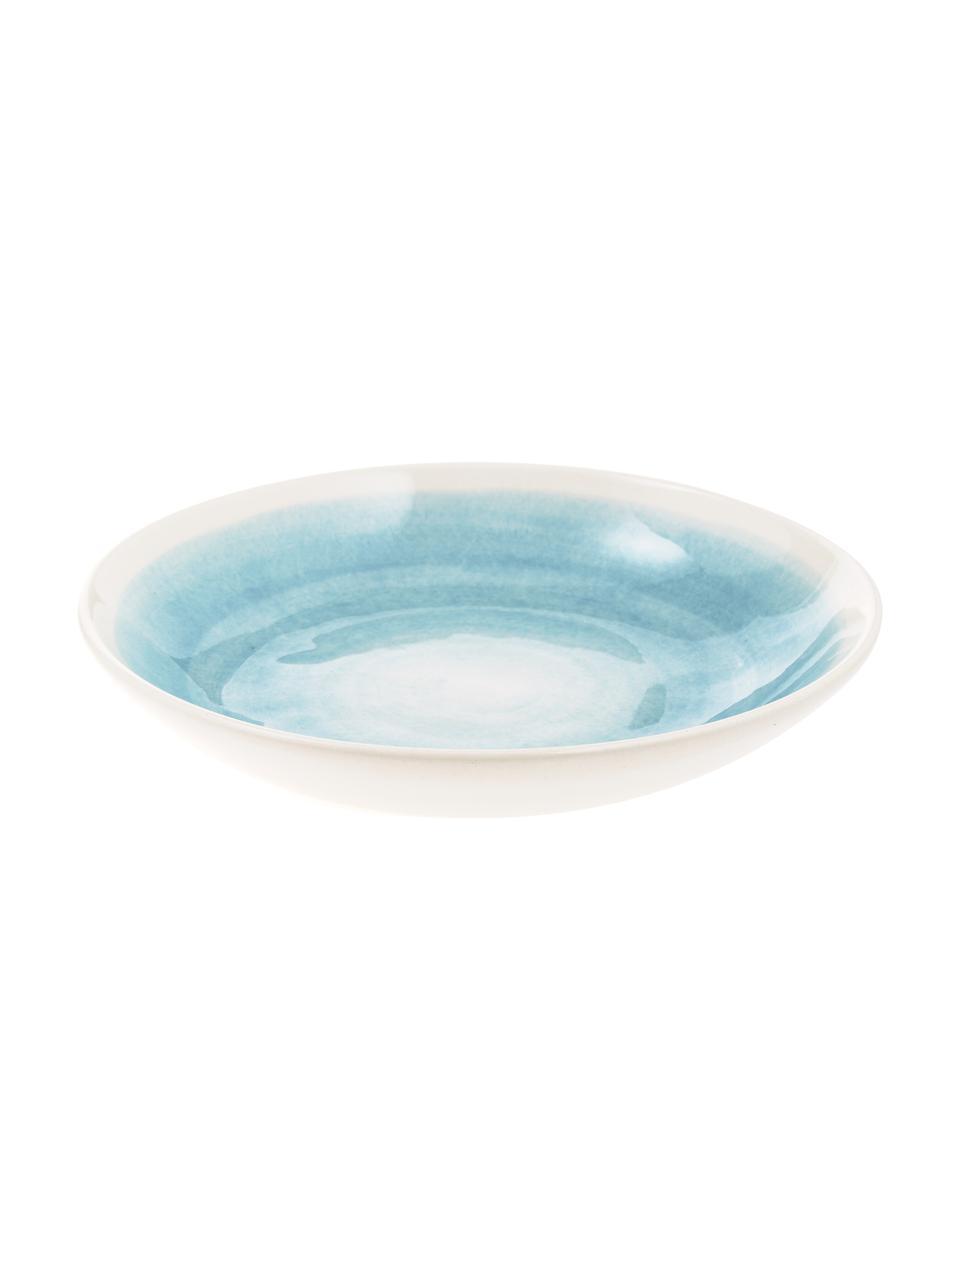 Assiette creuse artisanale céramique Pure, 6pièces, Bleu, blanc